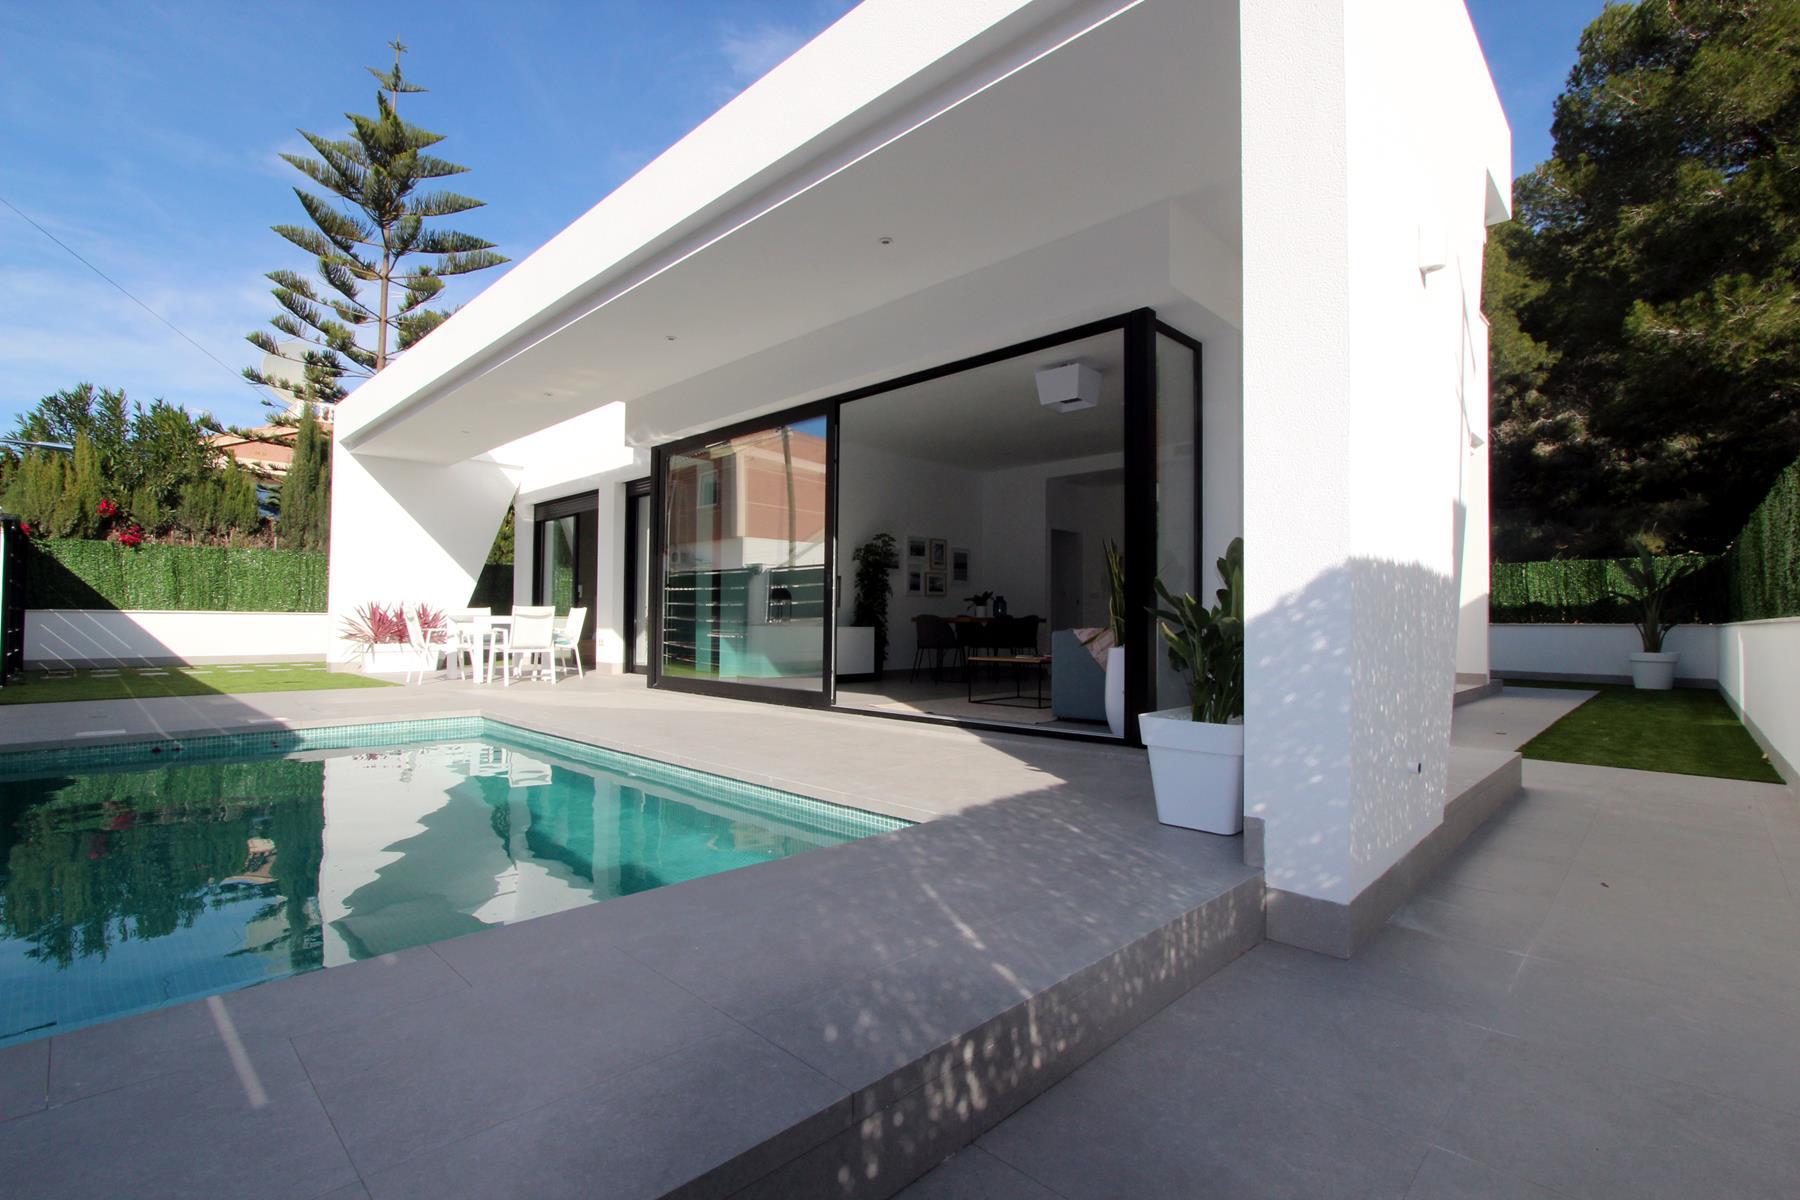 Pinar de Campoverde luxury new-build villas